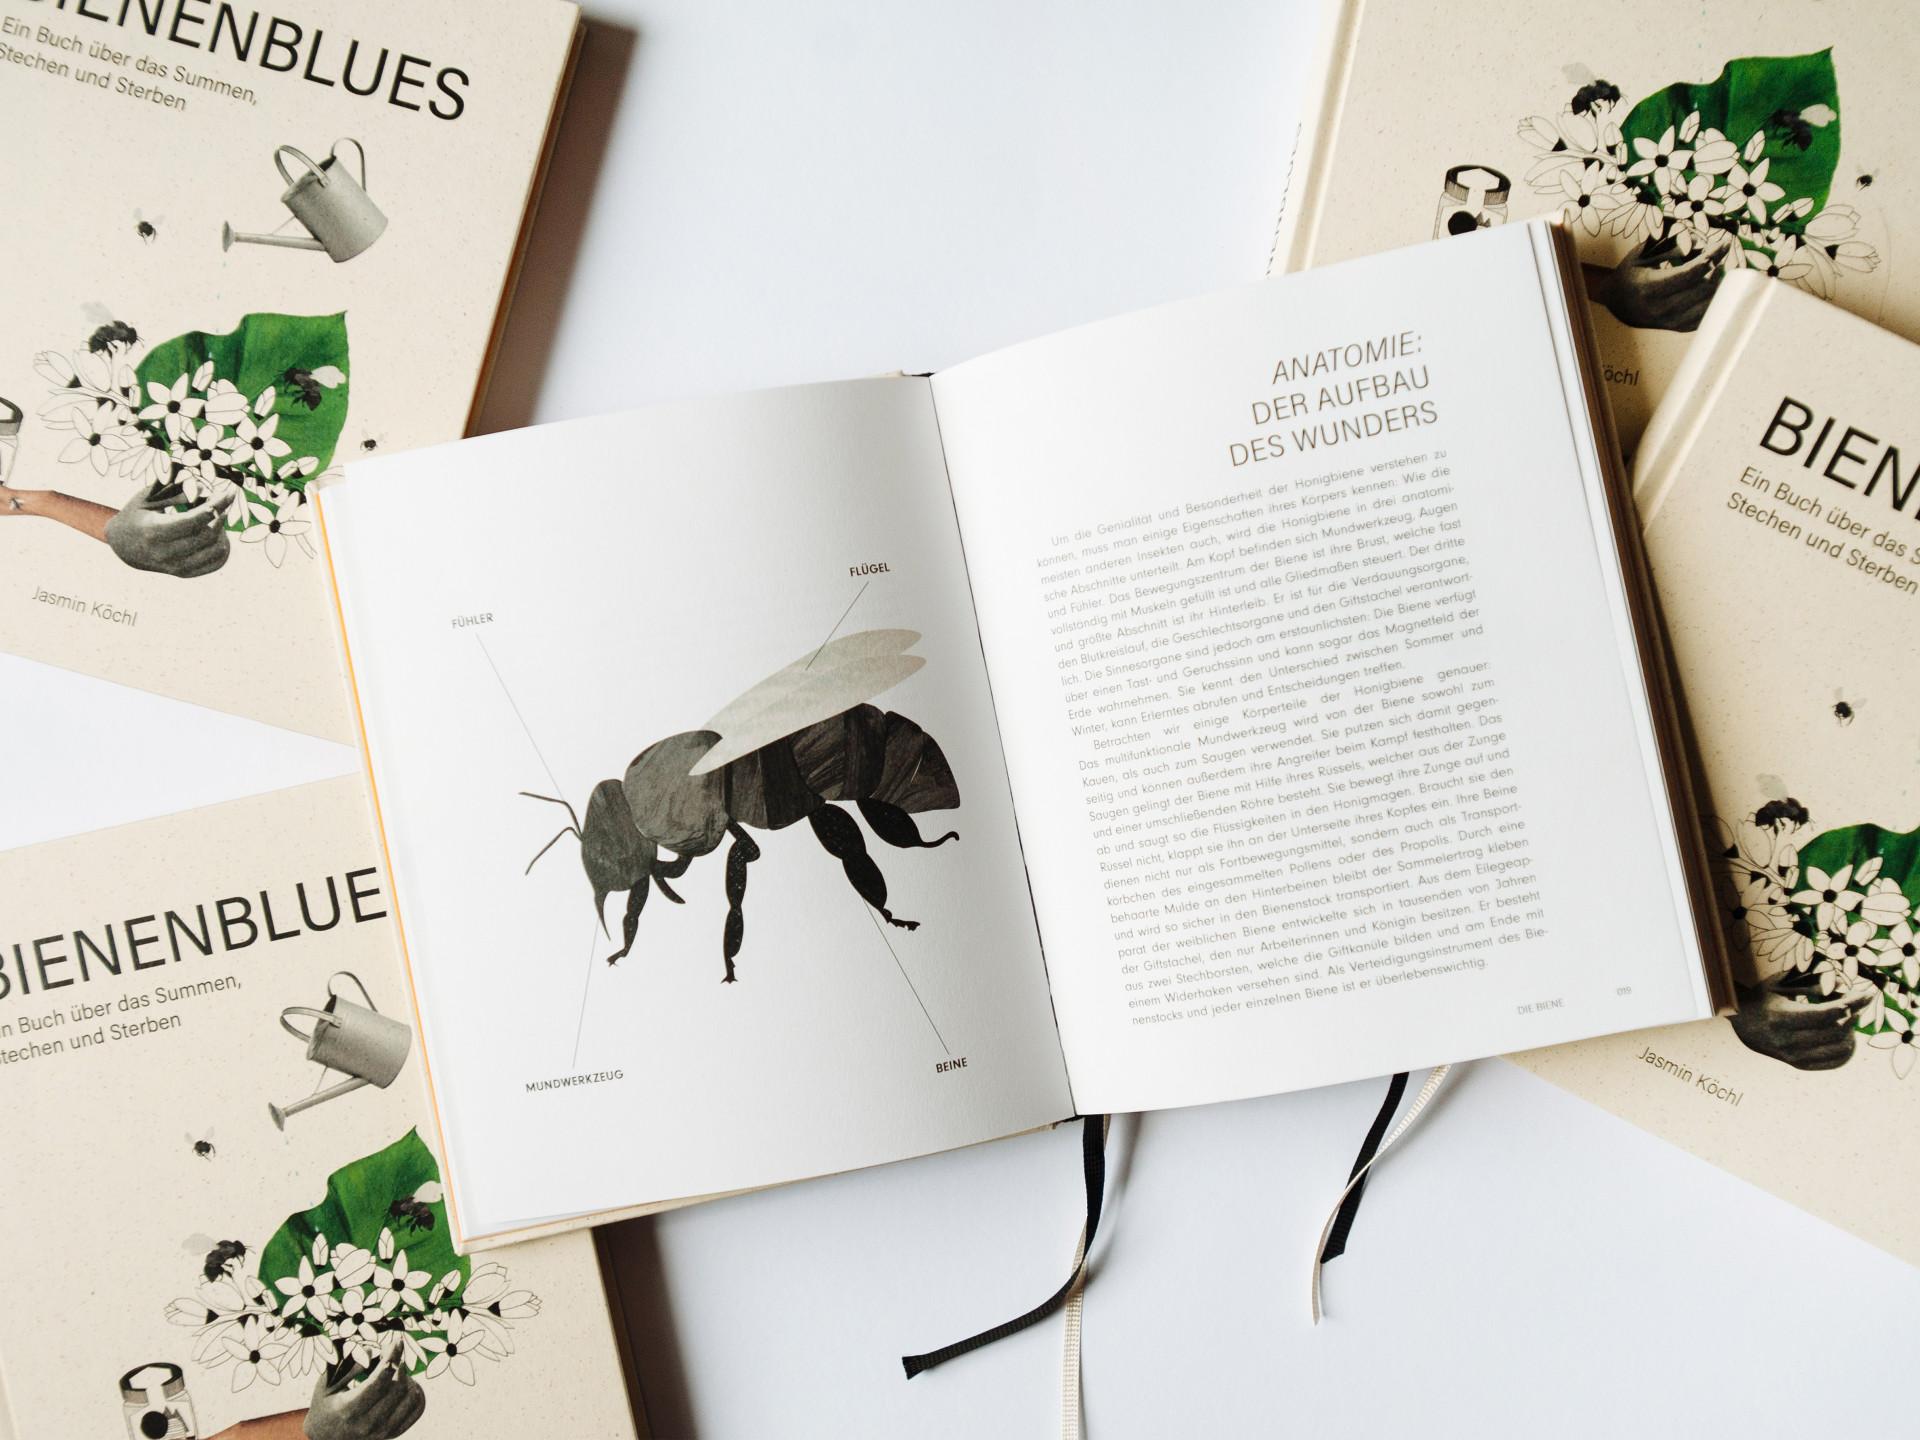 Bienenblues – Ein Buch über das Summen, Stechen und Sterben